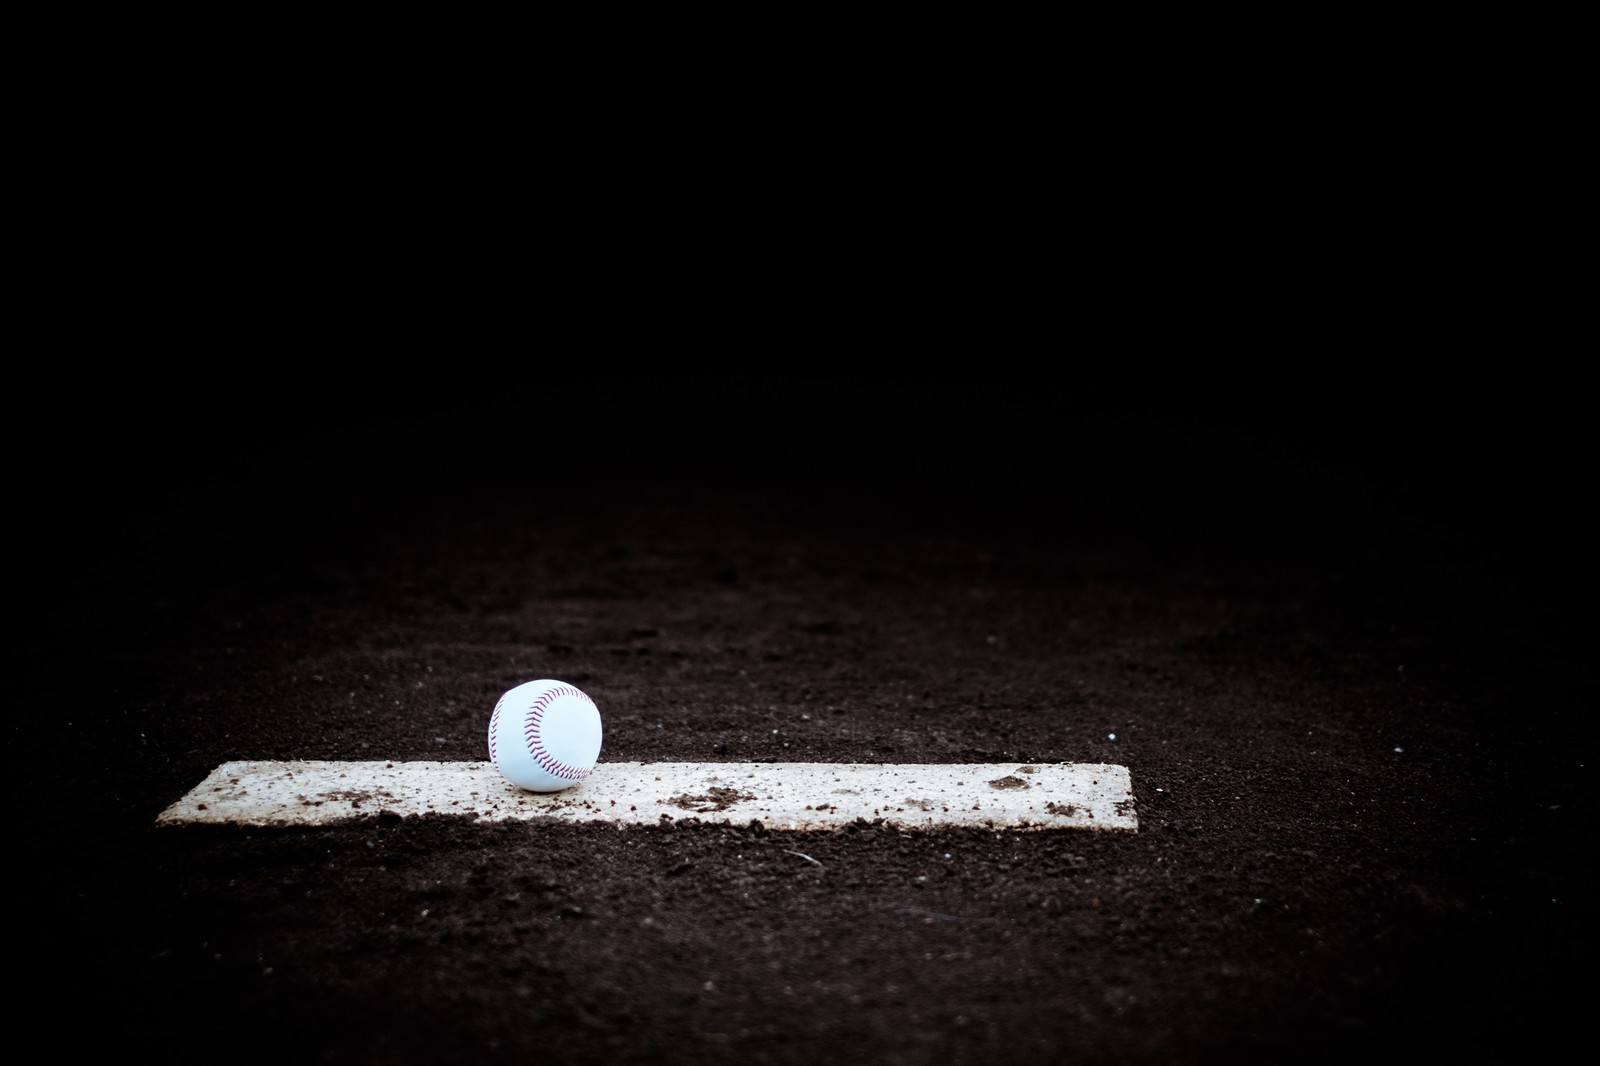 「ピッチャープレートとボール」の写真